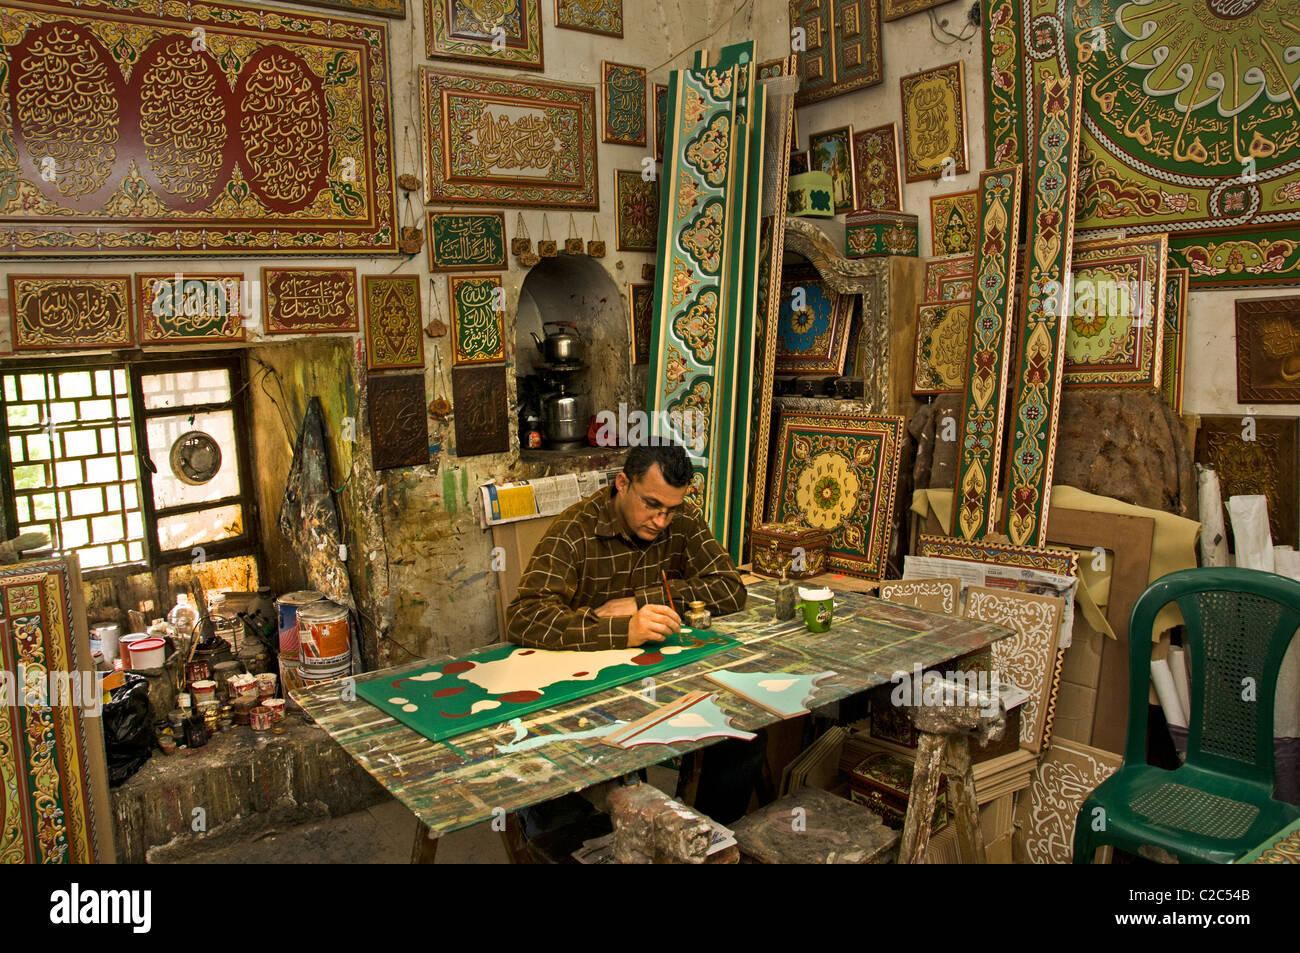 A Damasco in Siria Bazaar Souk Souq pittura segno negozio di arredamento Immagini Stock